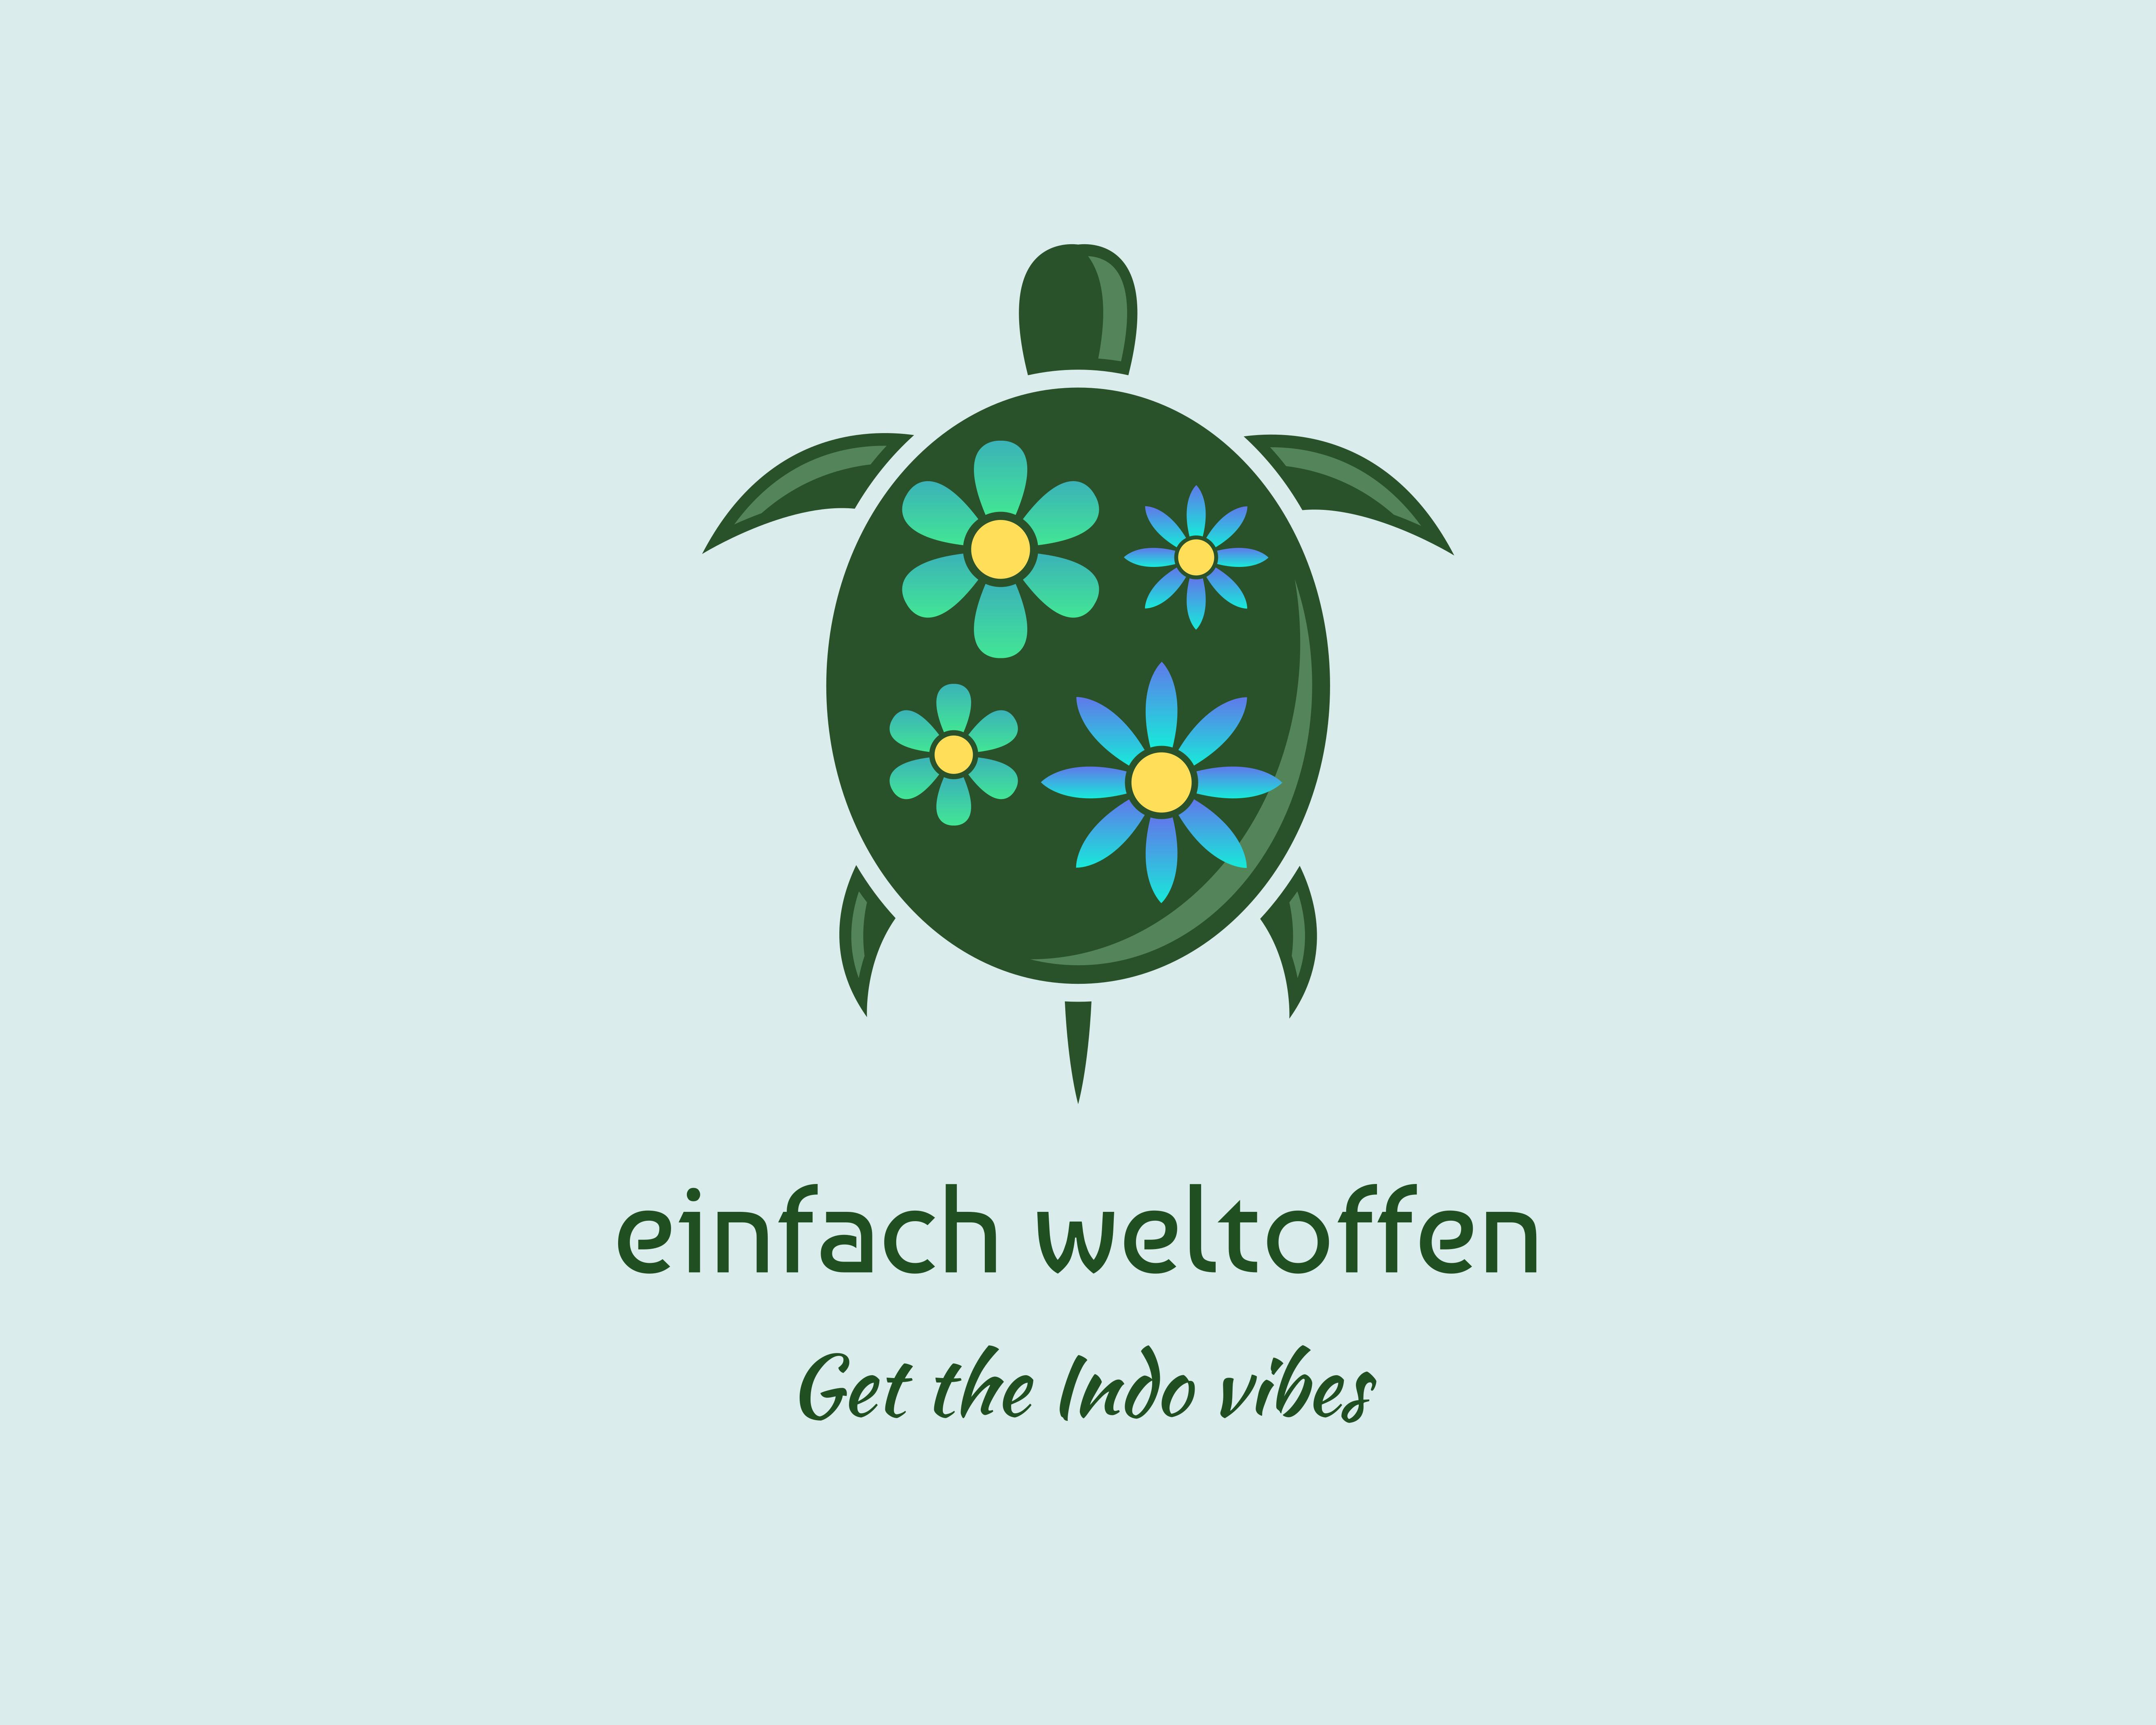 Logo einfach weltoffen_1280x1024_300dpi.